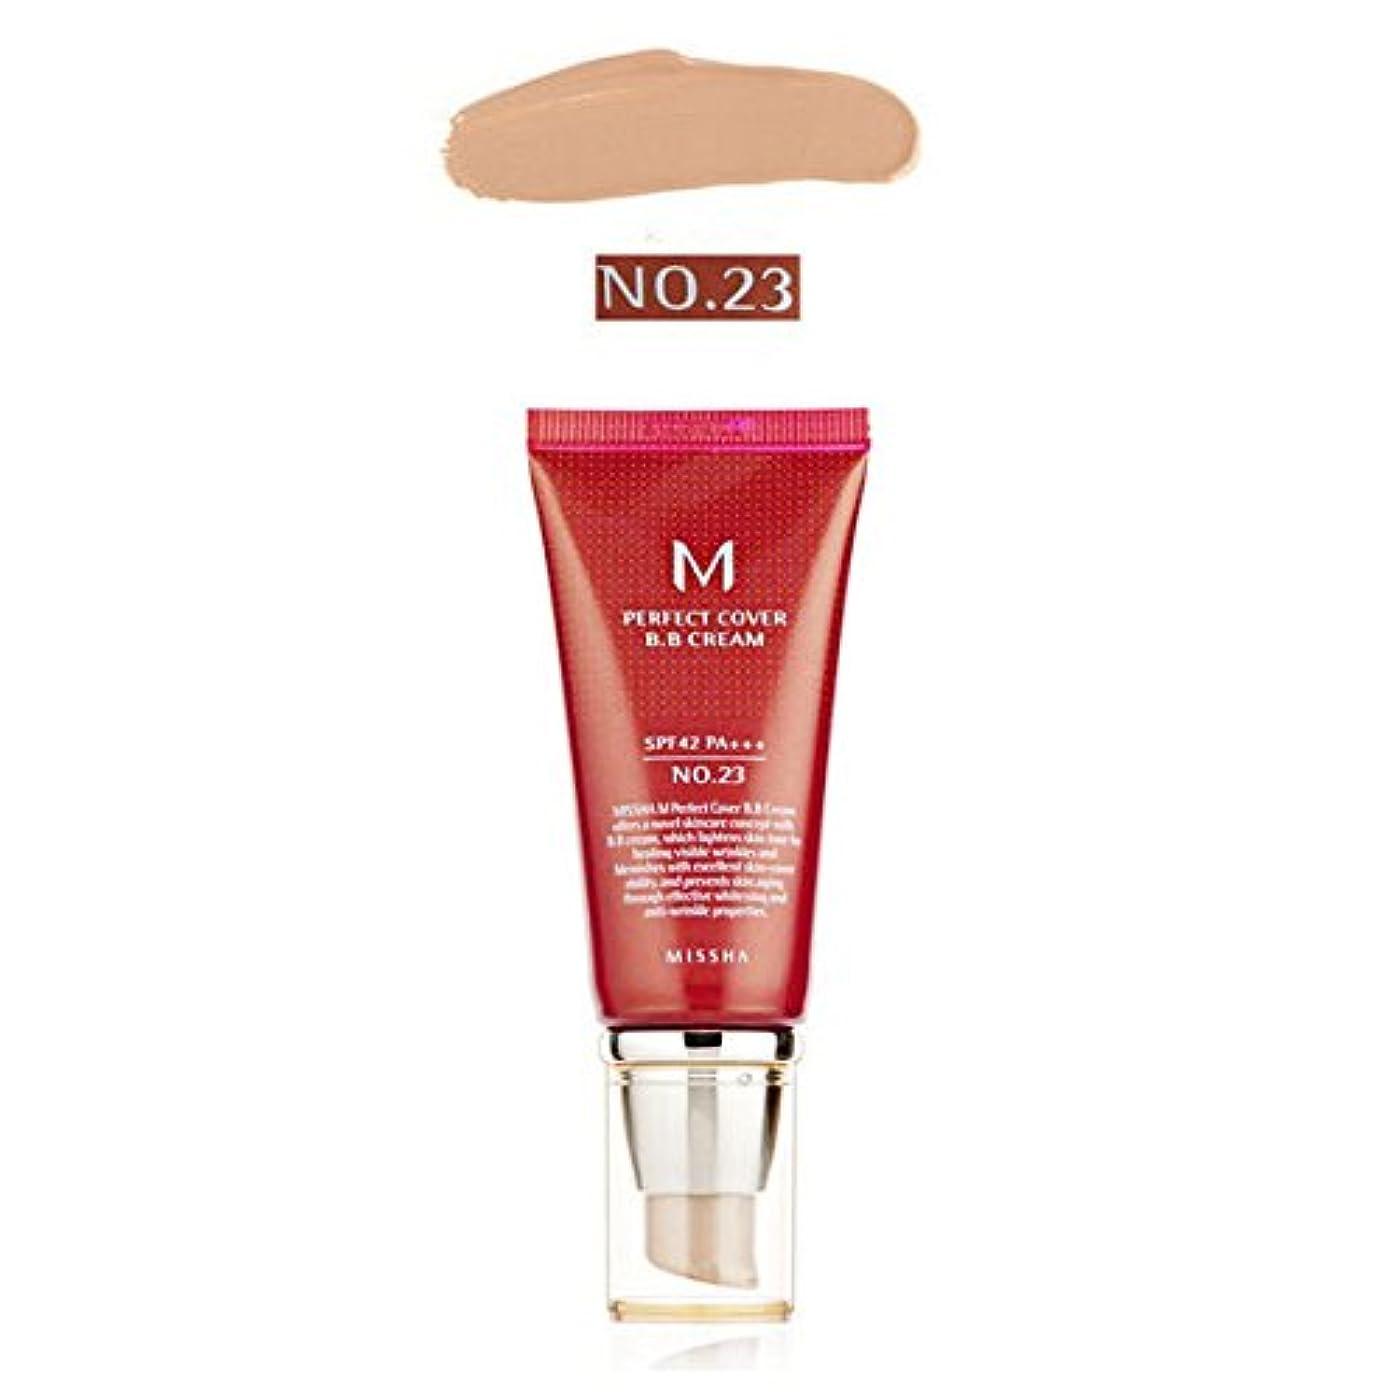 ほこりっぽいクリエイティブオール[ミシャ] MISSHA [M パーフェクト カバー BBクリーム 21号 / 23号50ml] (M Perfect Cover BB cream 21号 / 23号 50ml) SPF42 PA+++ (Type2 : No.23 Medium Beige) [並行輸入品]